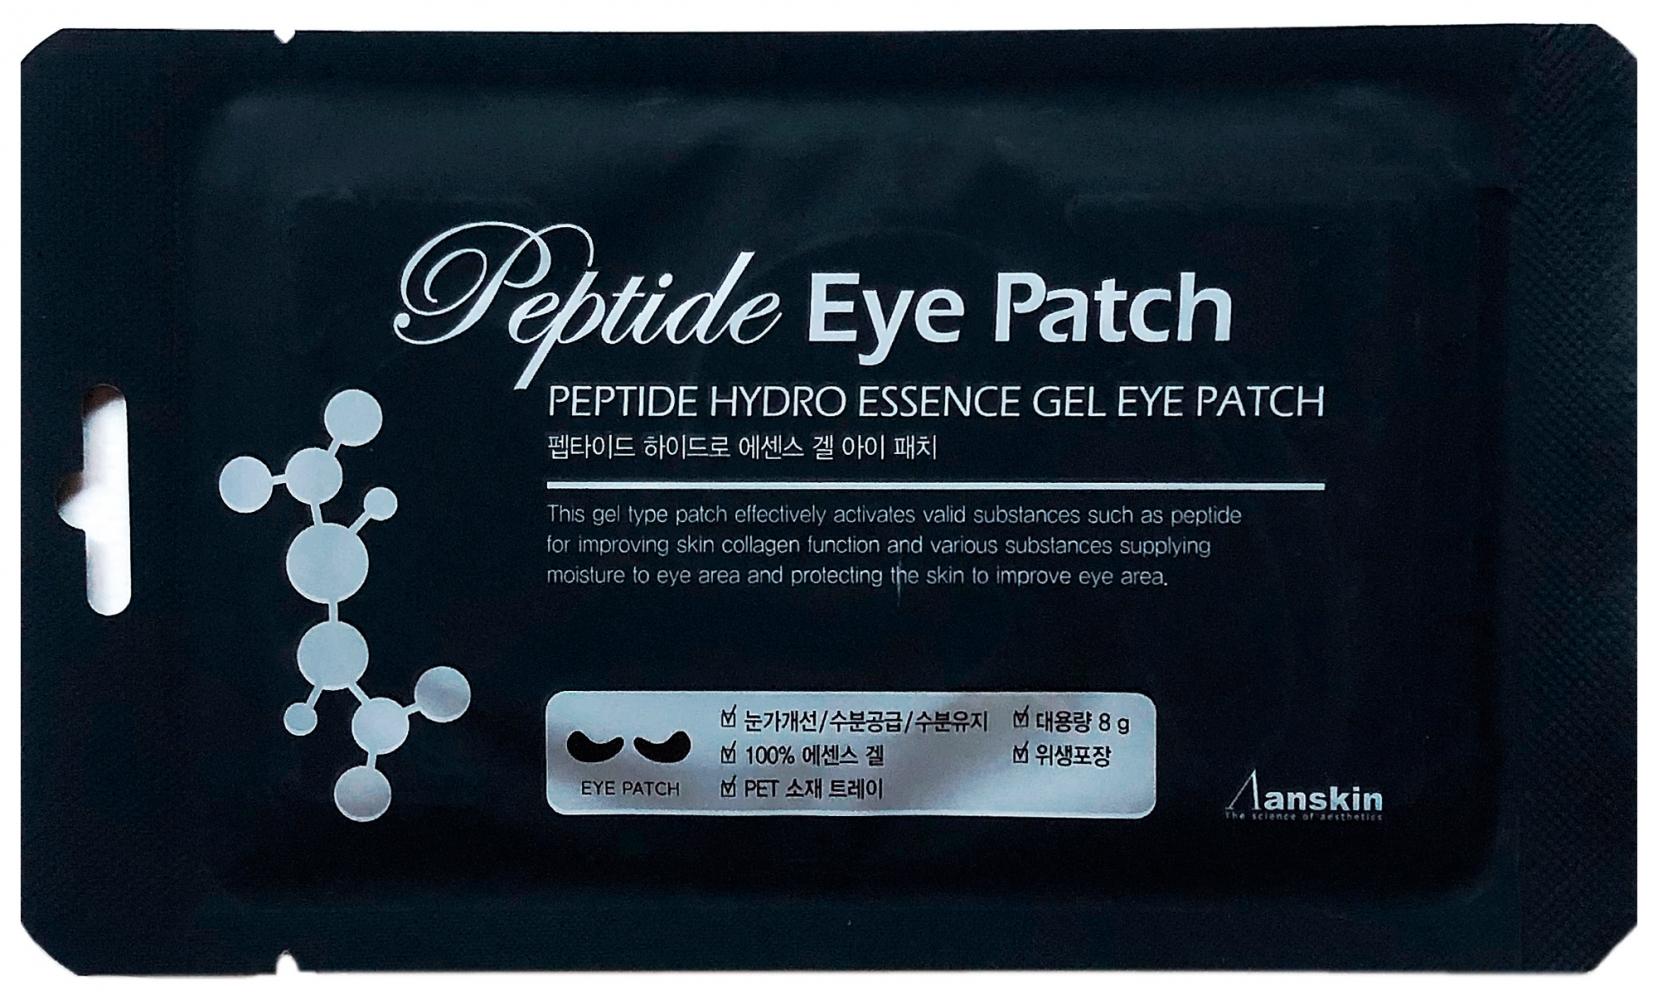 Патчи гидрогелевые омолаживающие с пептидным комплексом Anskin Peptide Hydro Essence Gel Eye Patch 8g 2 - Фото 2